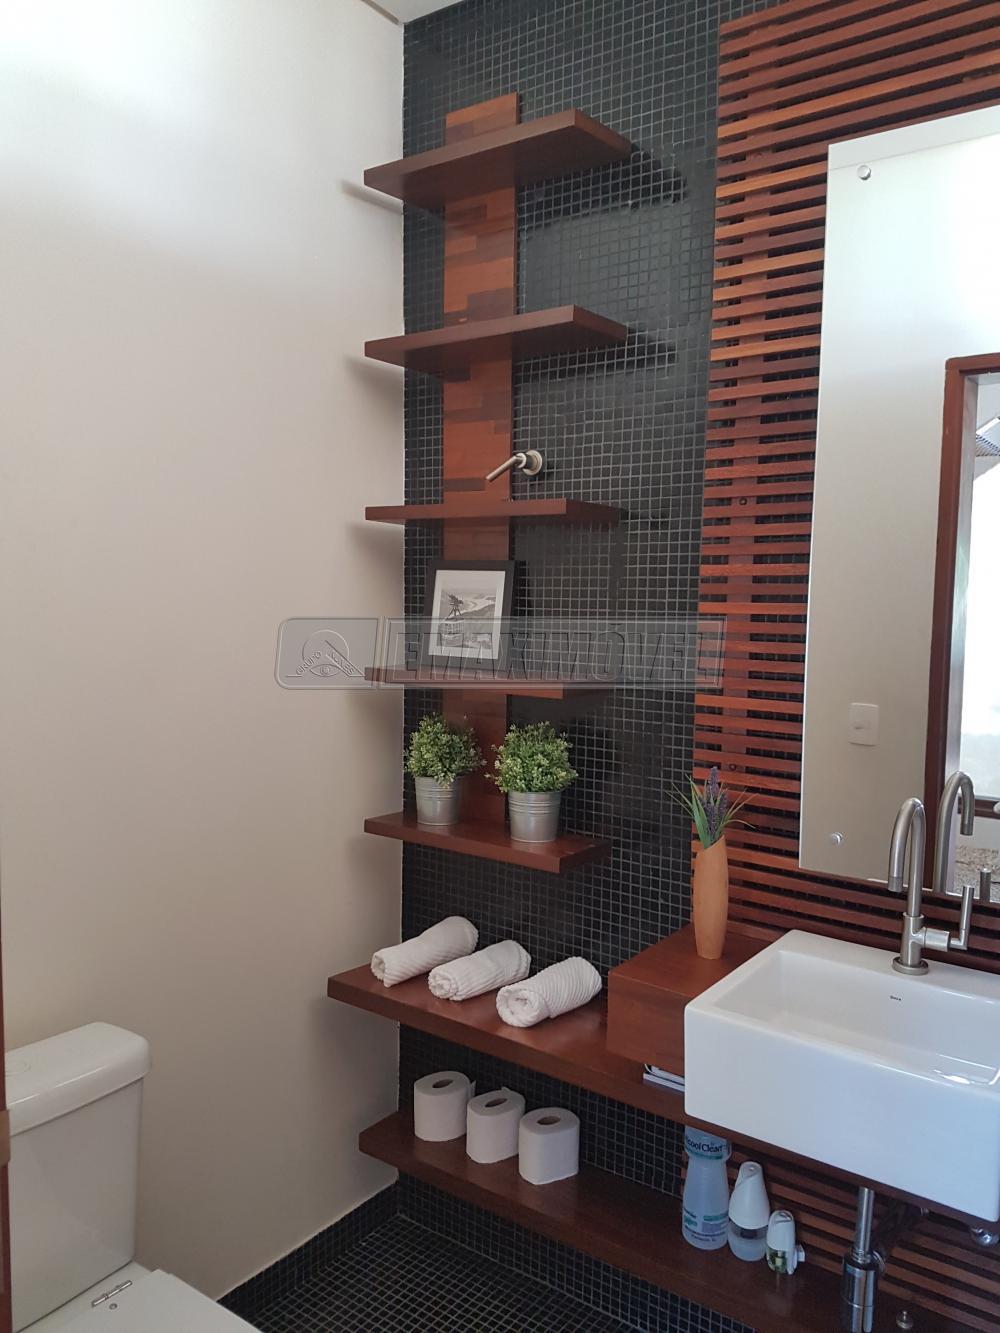 Alugar Casas / em Condomínios em Itu apenas R$ 7.500,00 - Foto 21